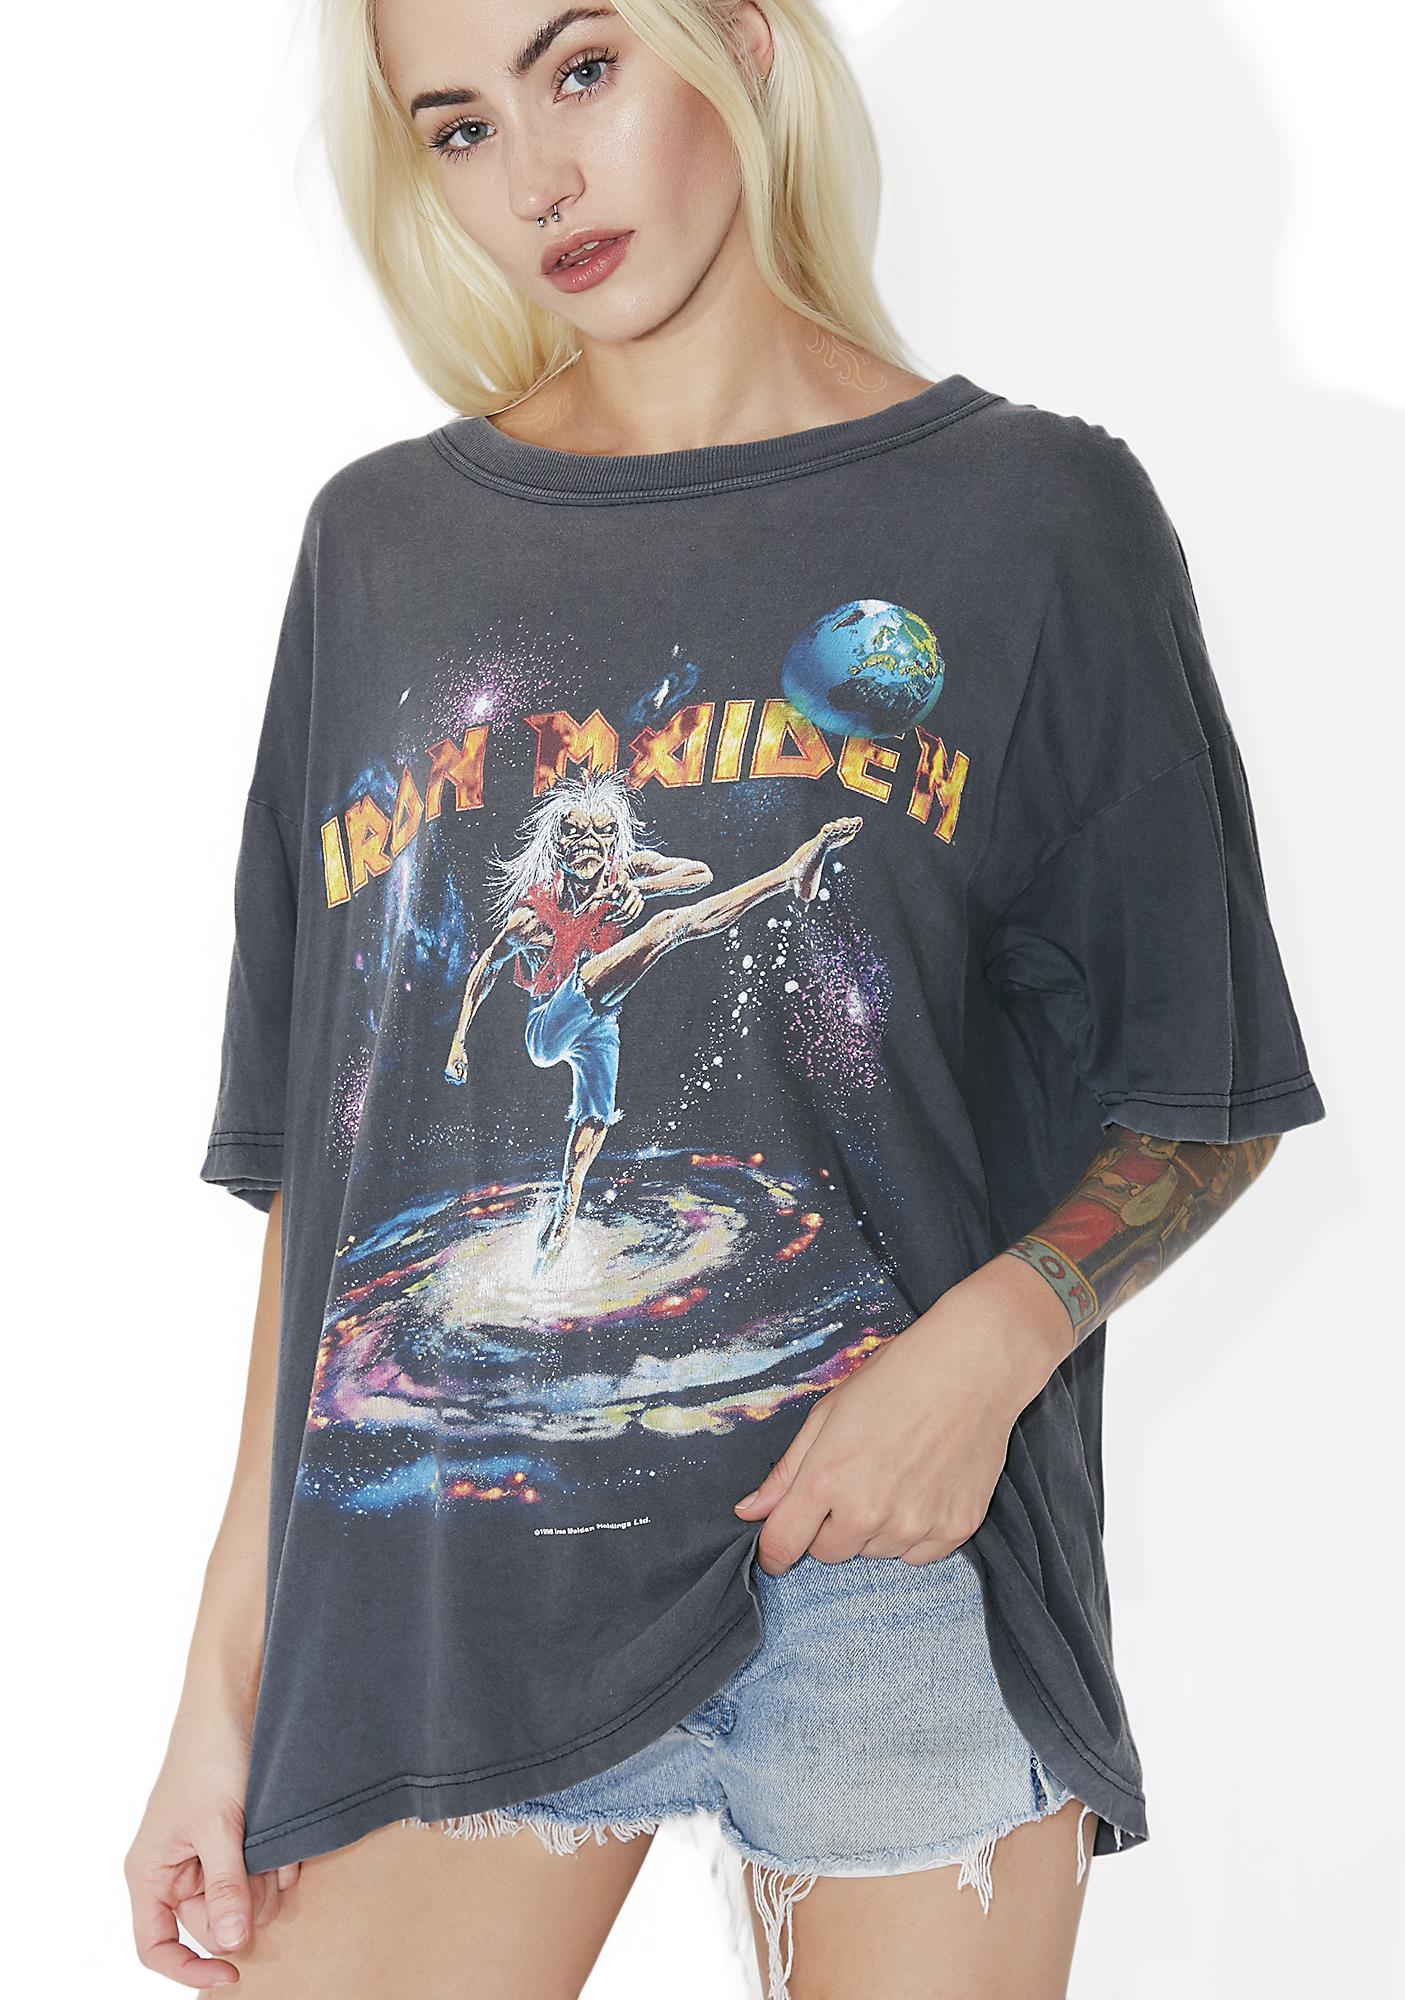 Vintage Iron Maiden Tour Tee